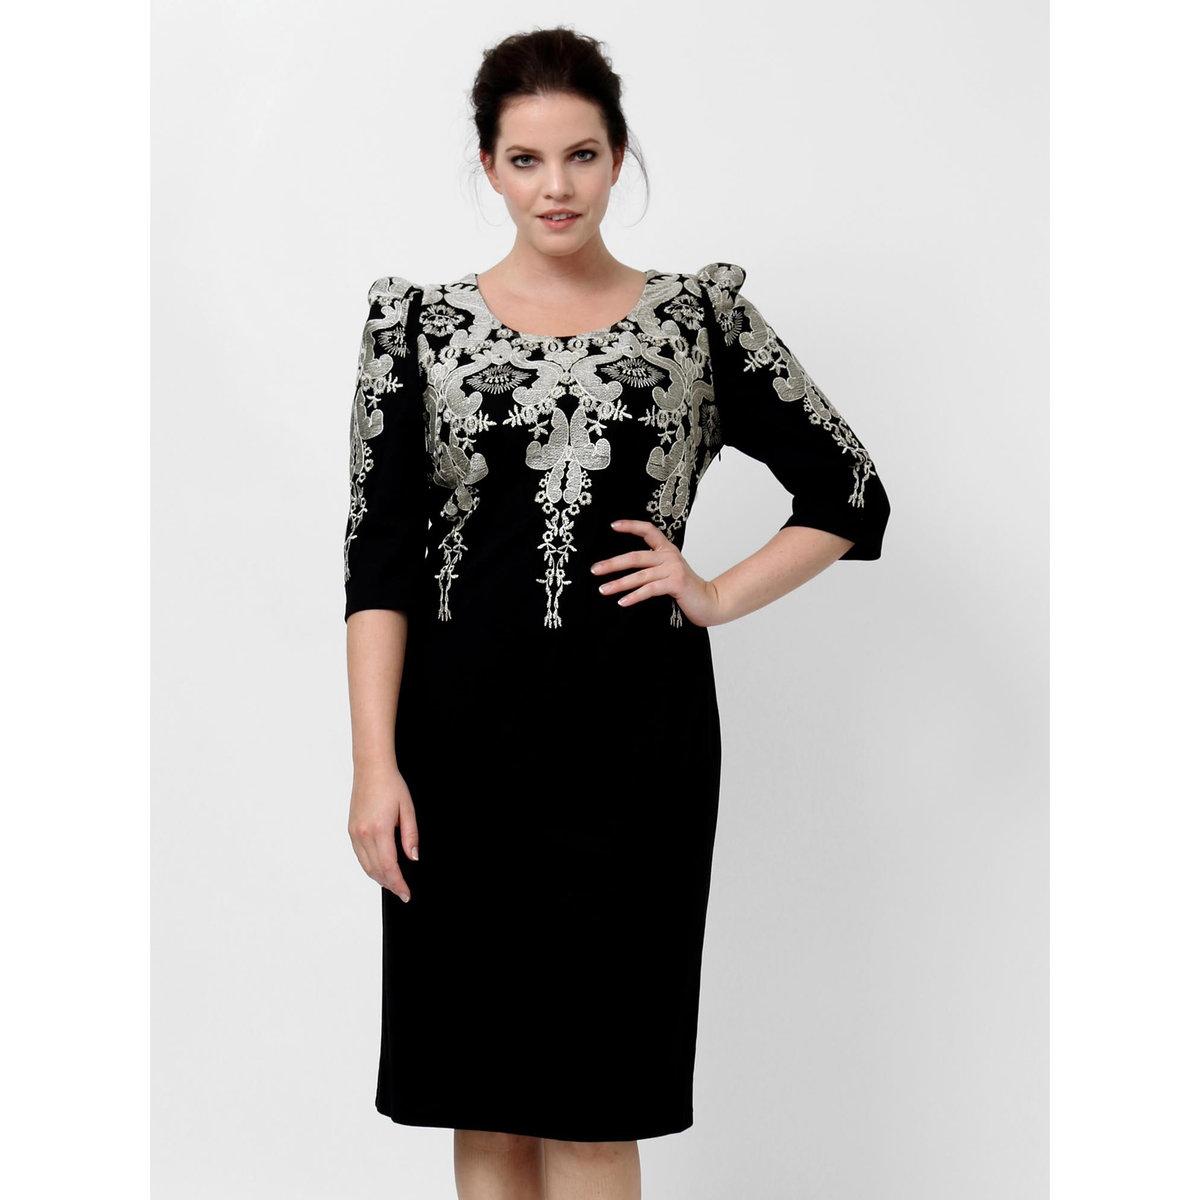 Платье длинноеПлатье с рукавами 3/4 KOKO BY KOKO. Рисунок вверху. Длина ок. 105 см.. 100% полиэстера<br><br>Цвет: черный